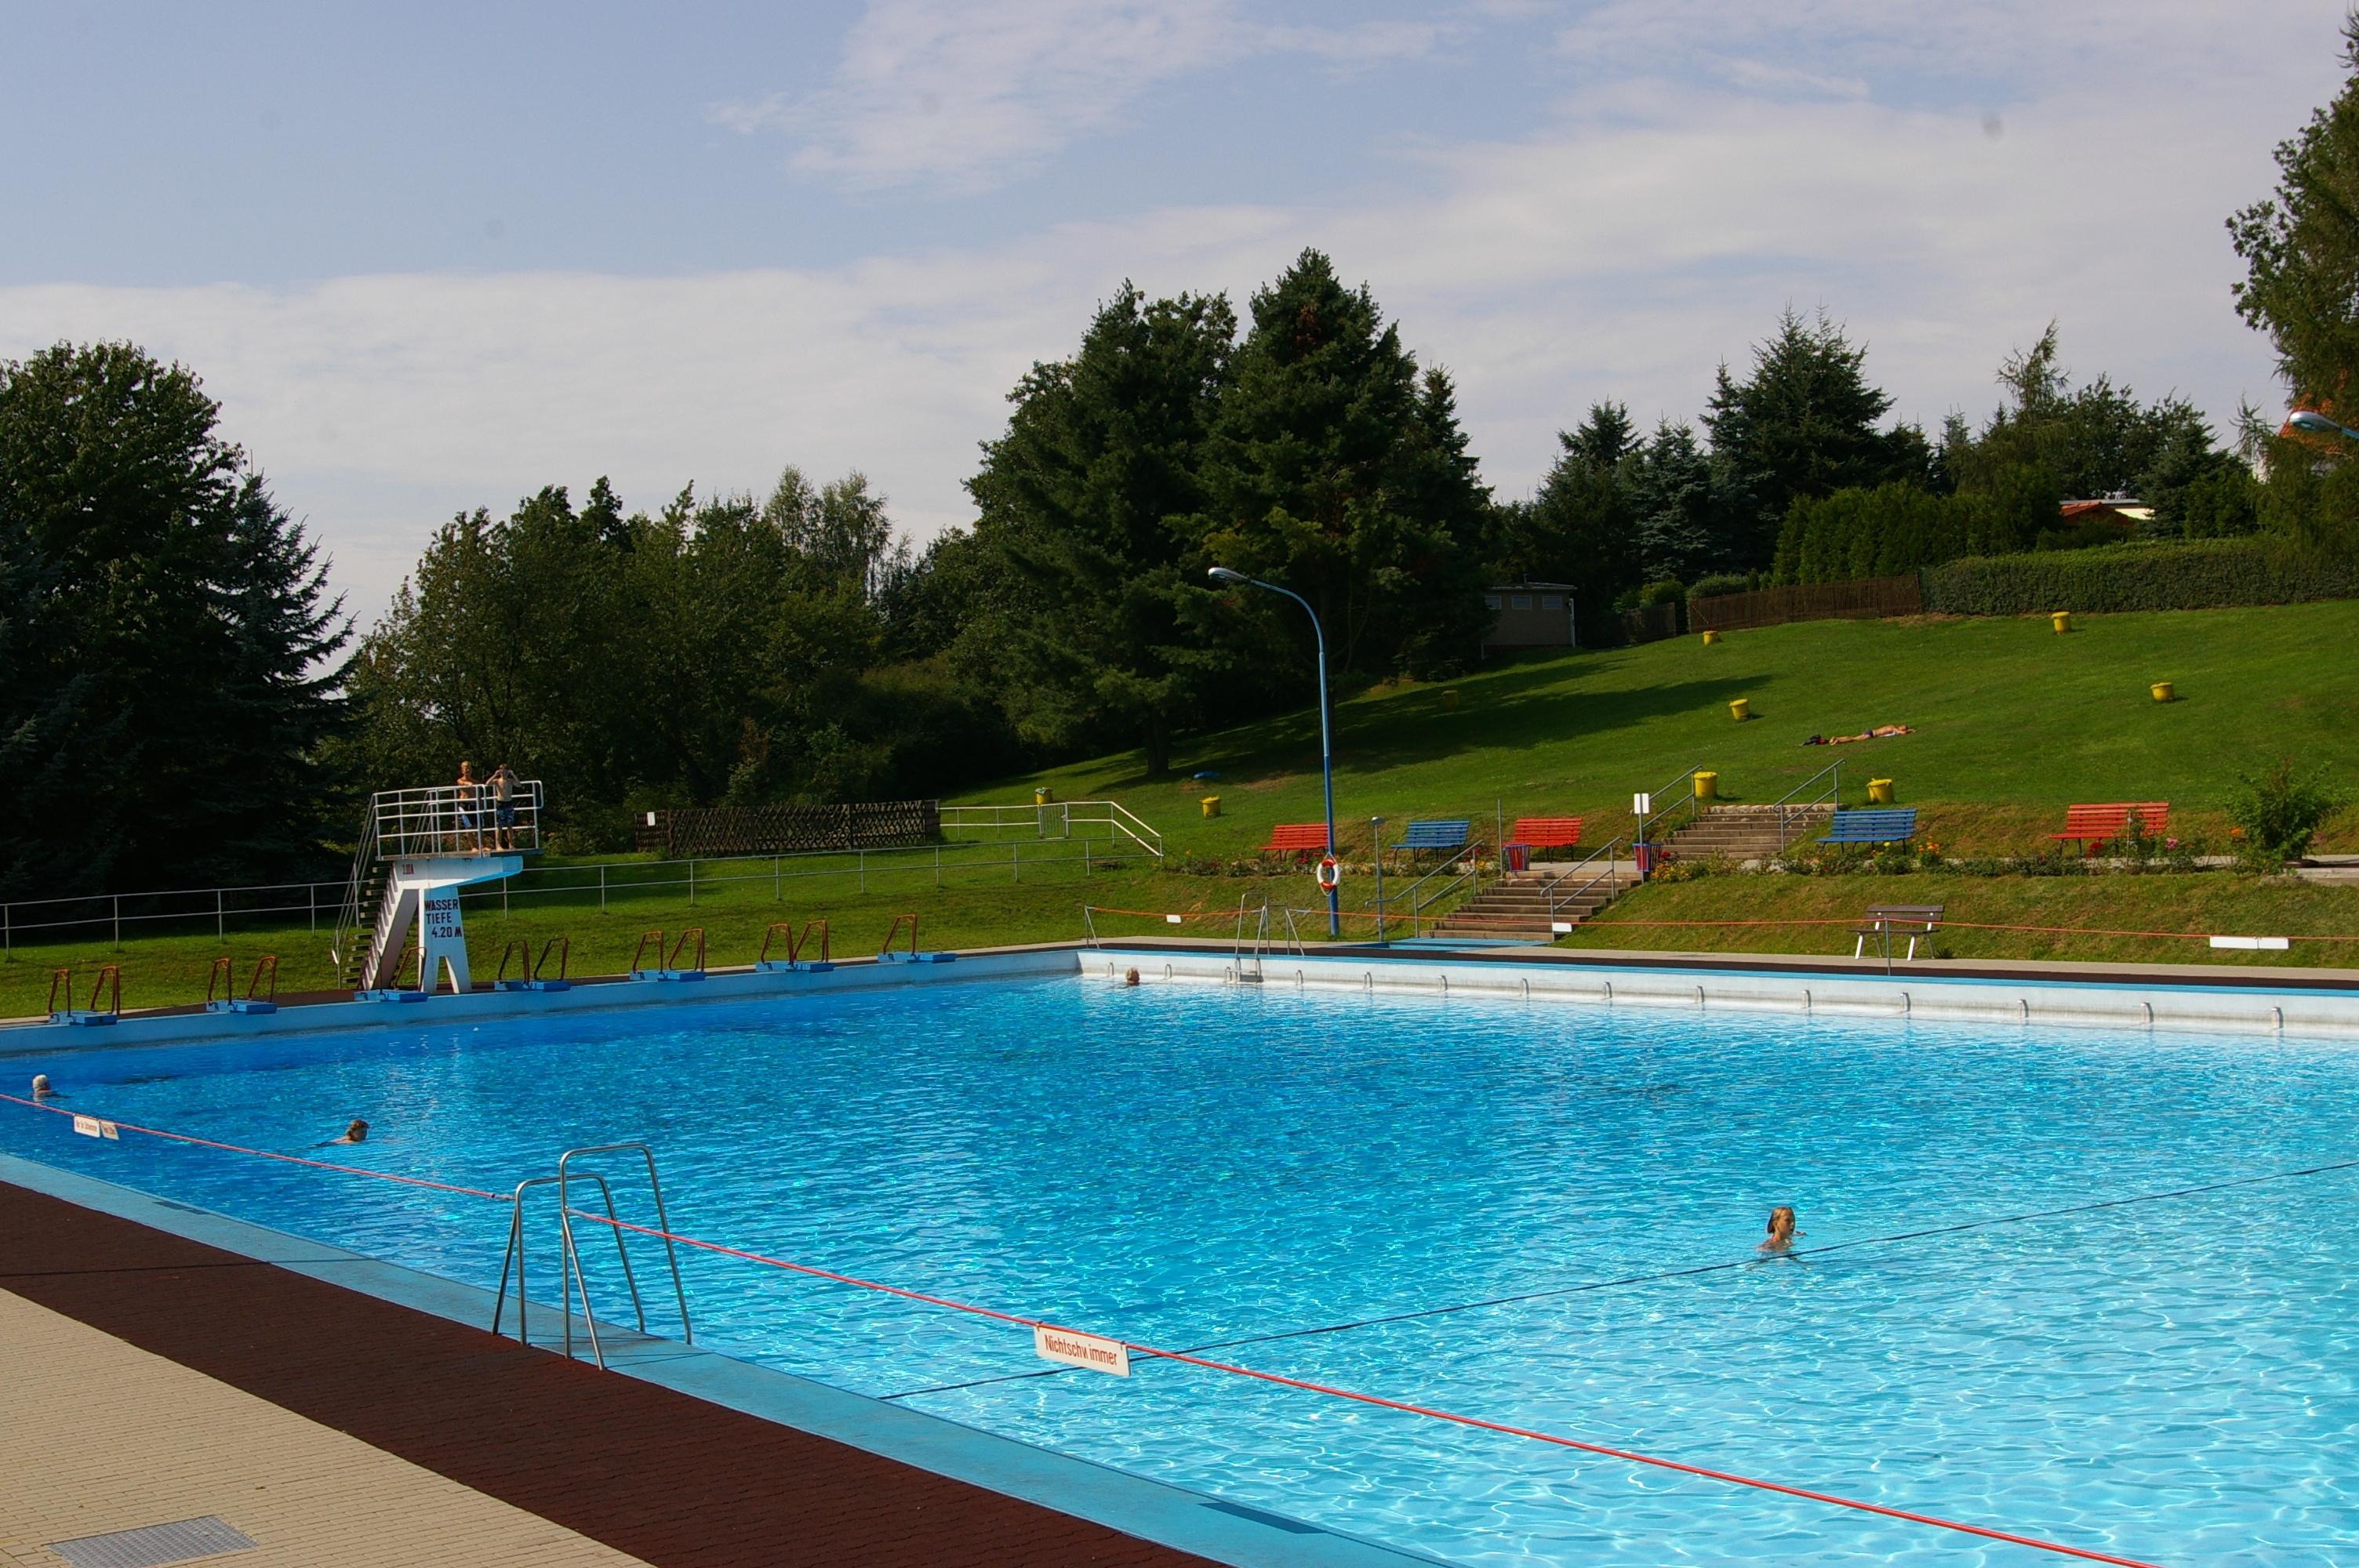 stadtbad chemnitz öffnungszeiten im august